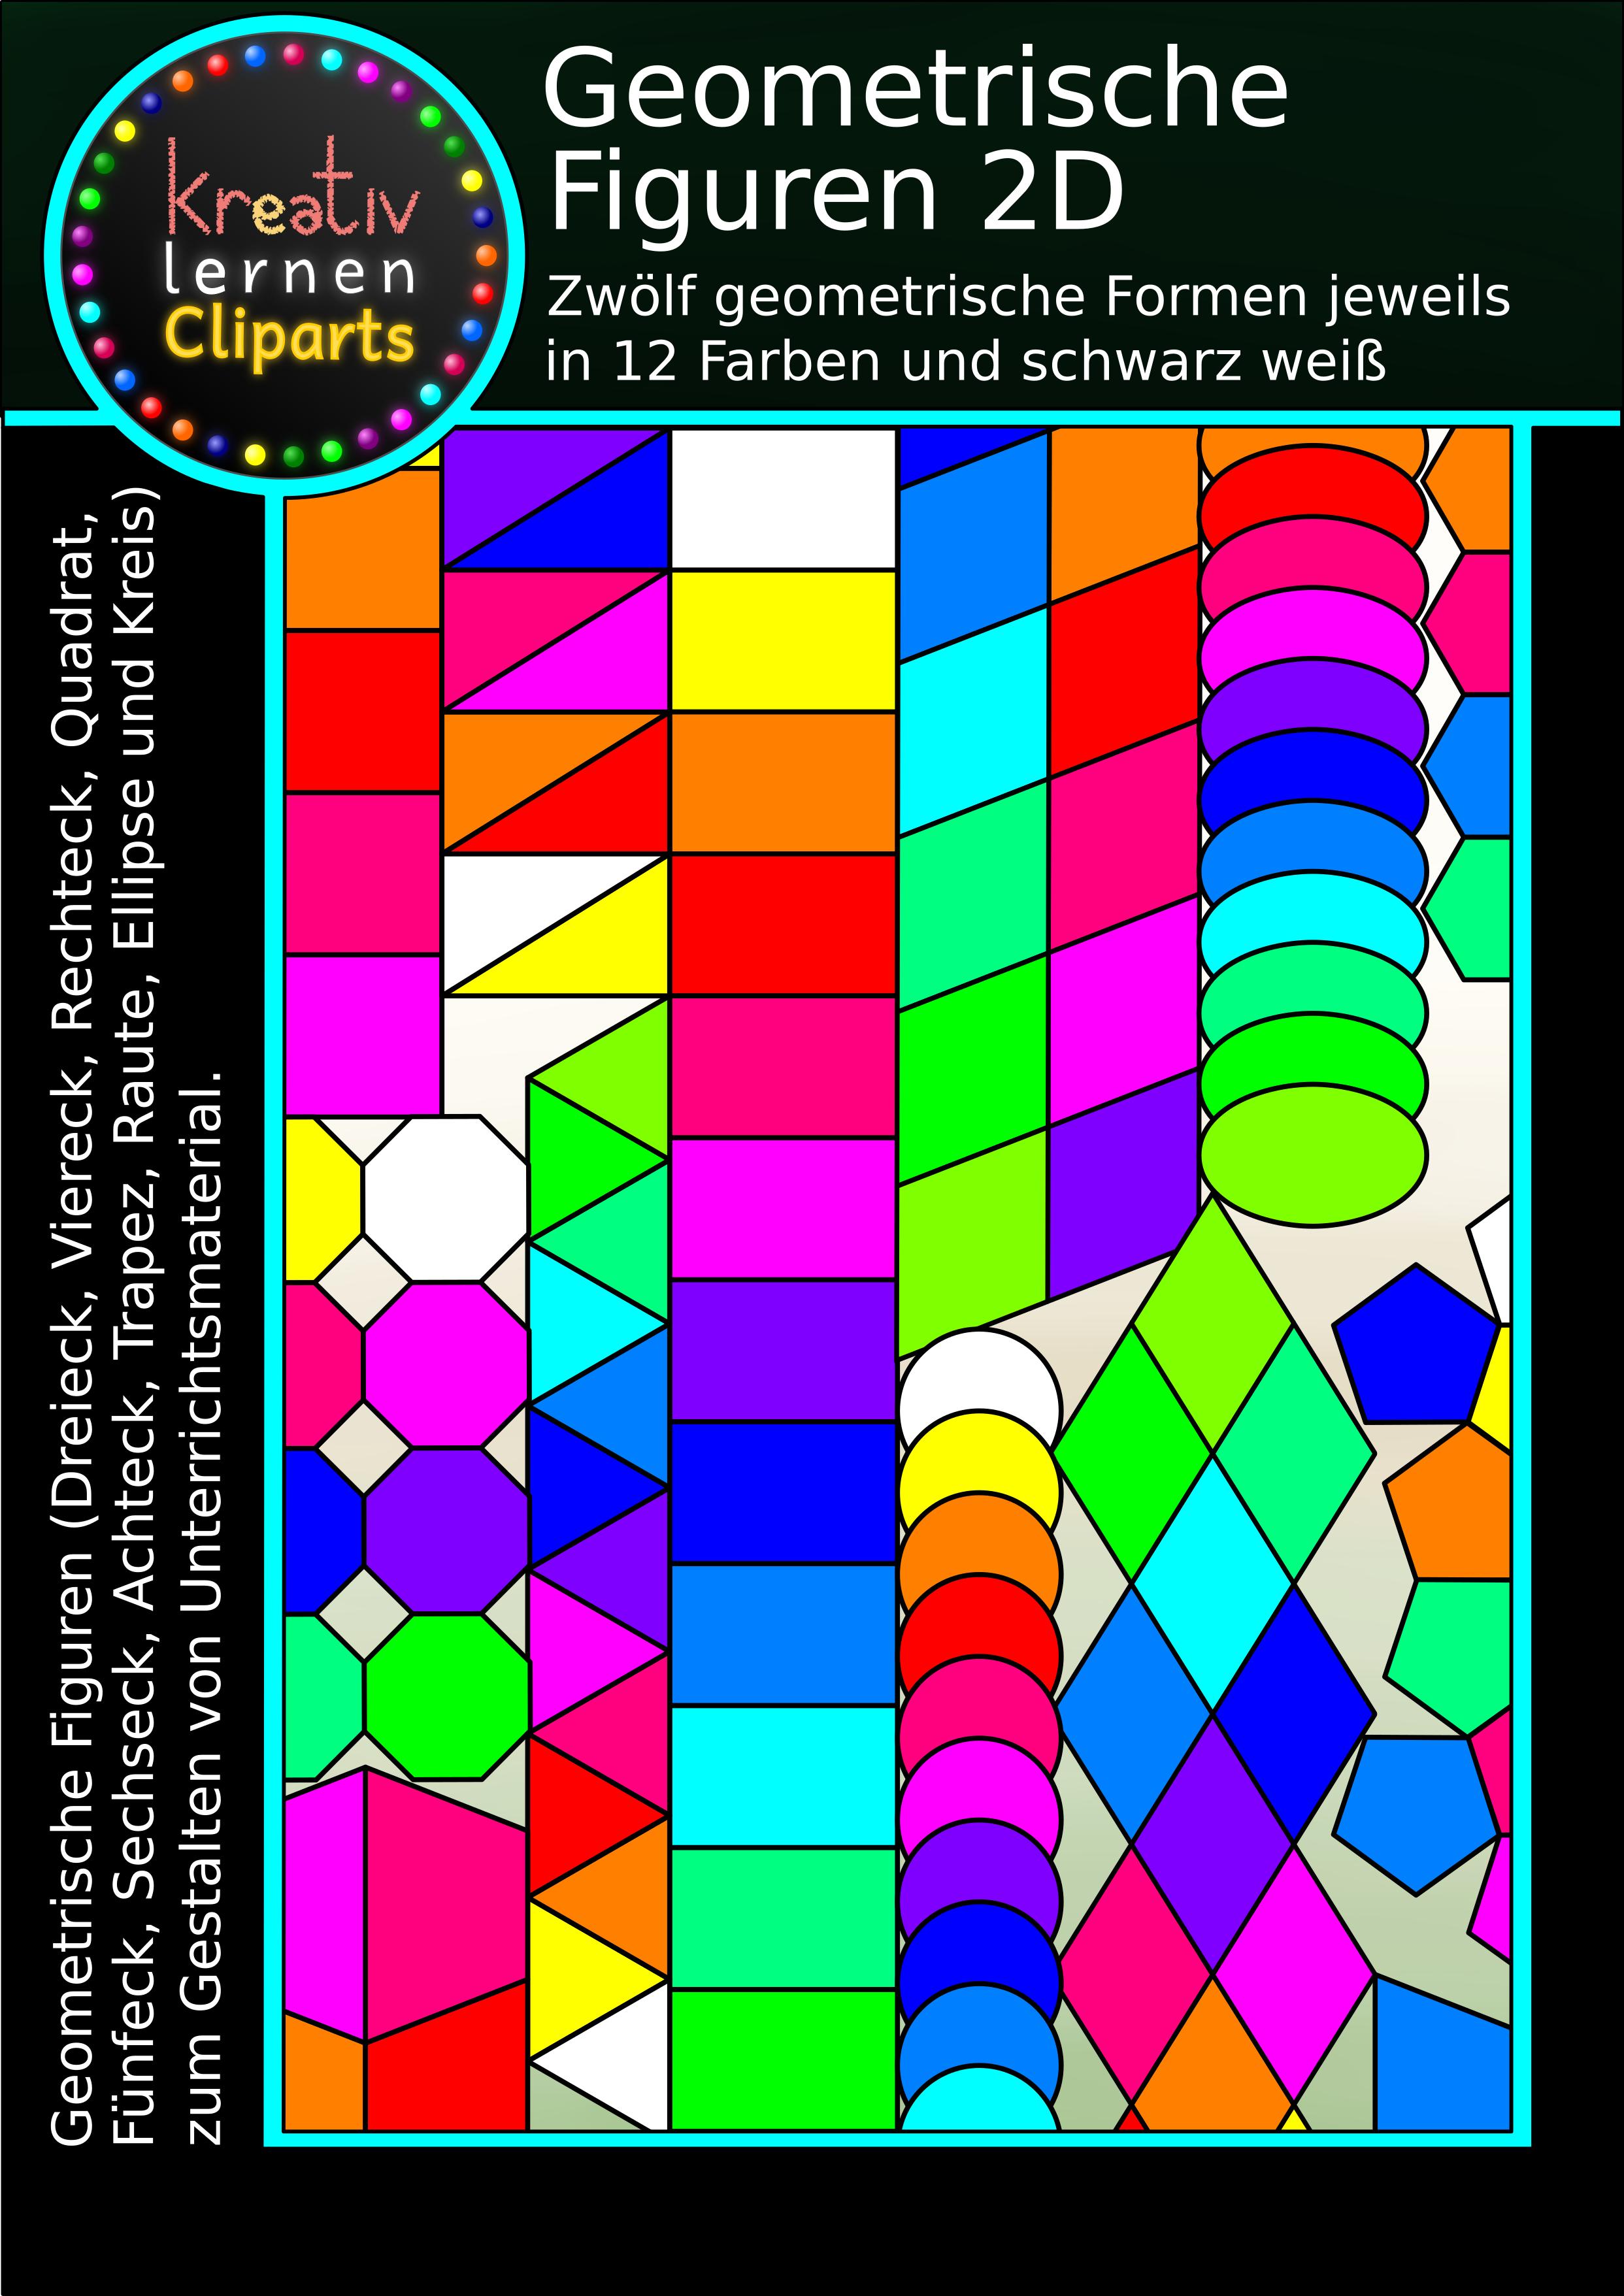 Geometrische Formen Bild Dateien Gratis Kreativ Lernen